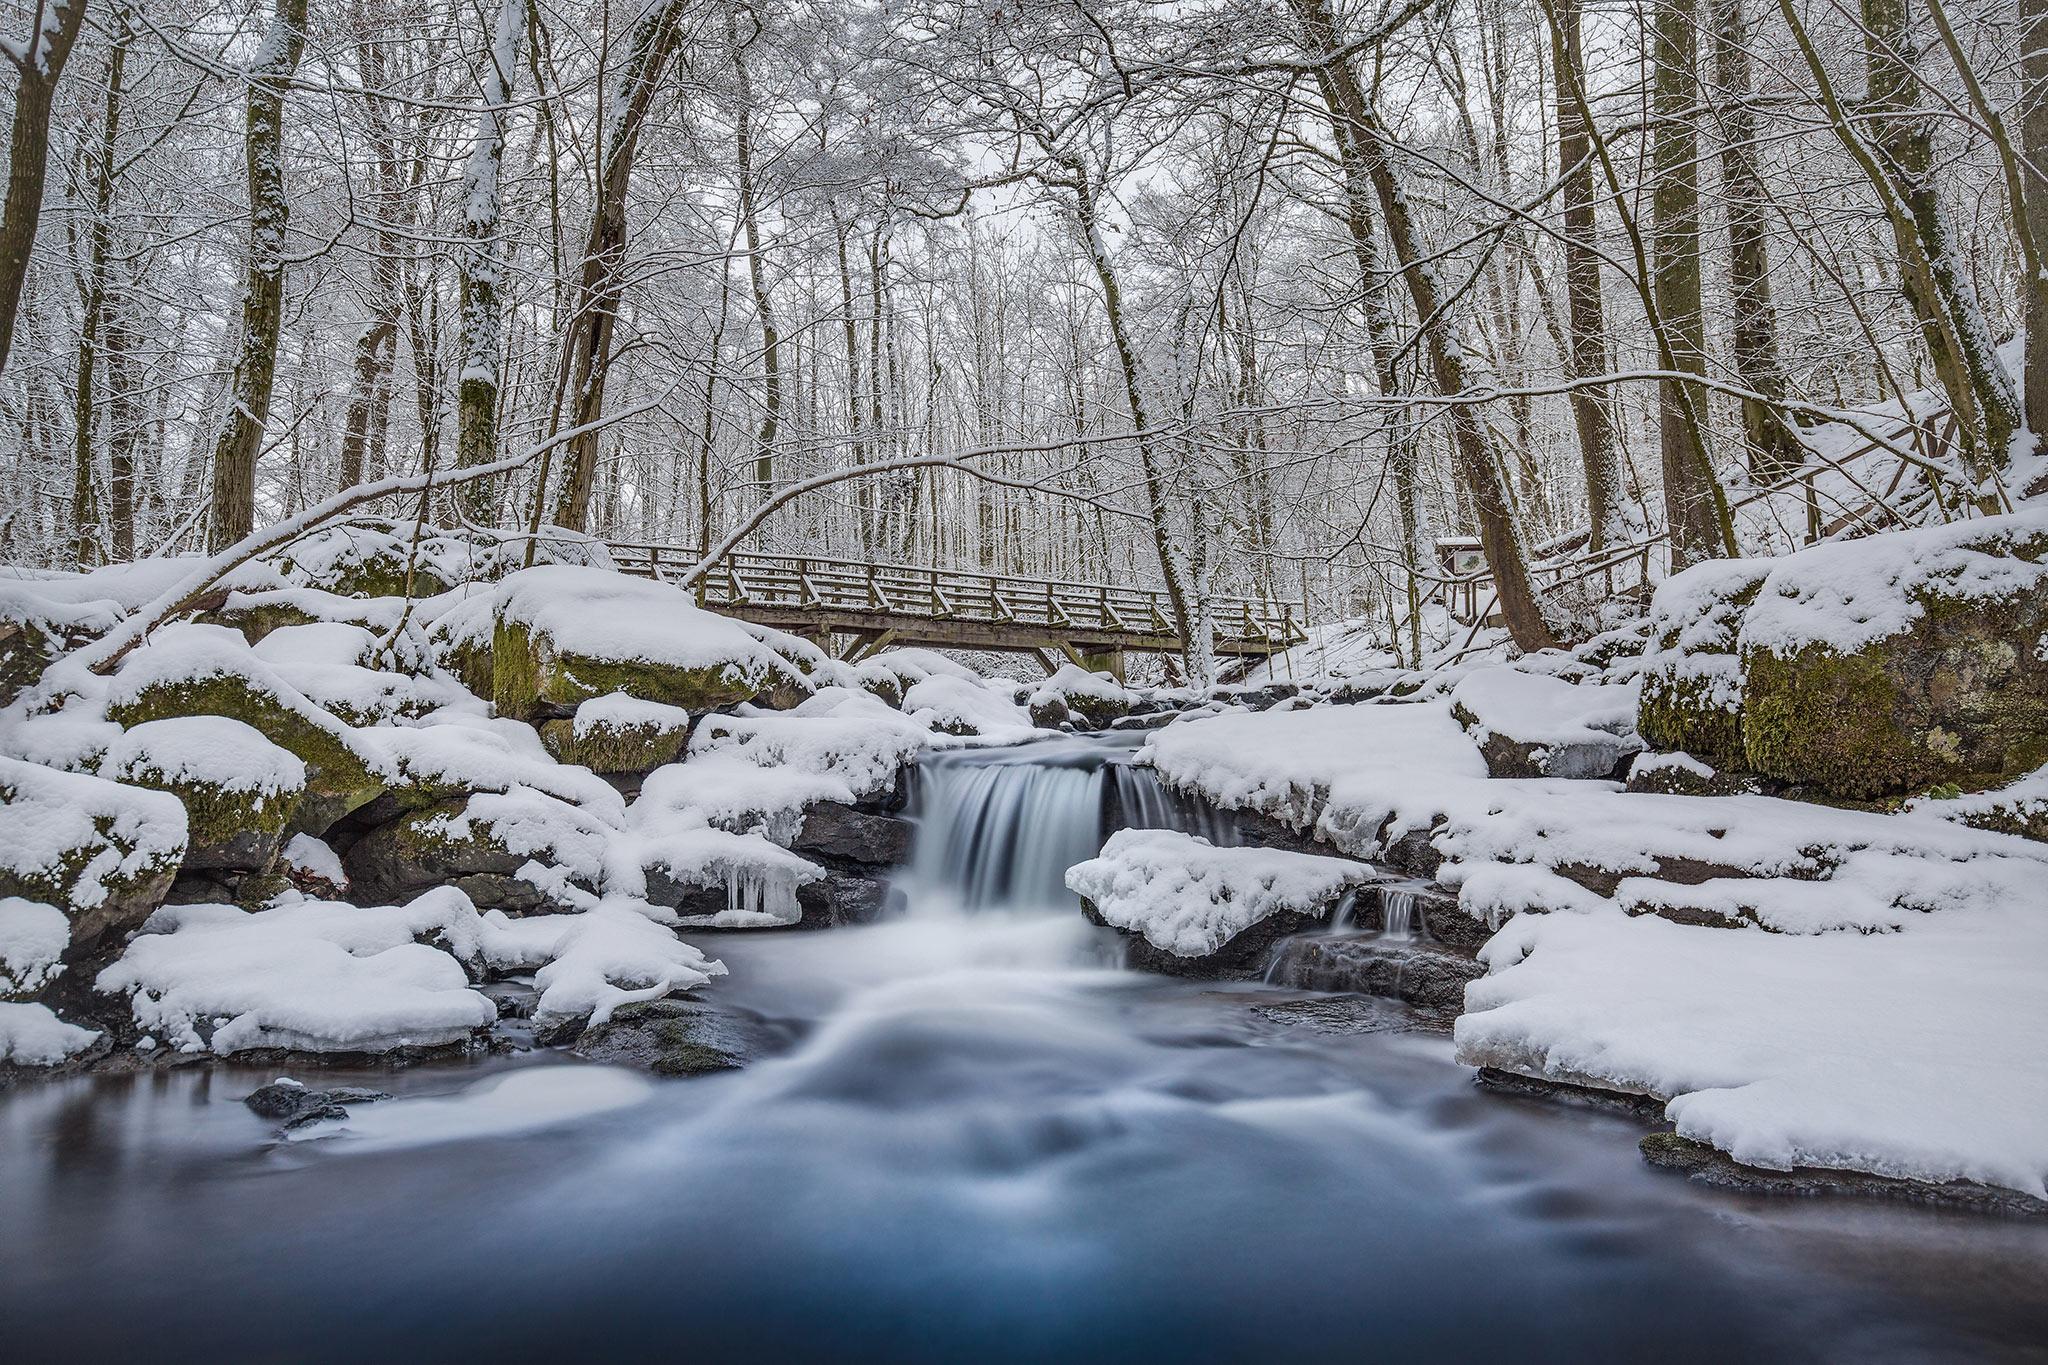 Wasserfall in der Holzbachschlucht bei Gemünden | Foto: Johannes Willwacher